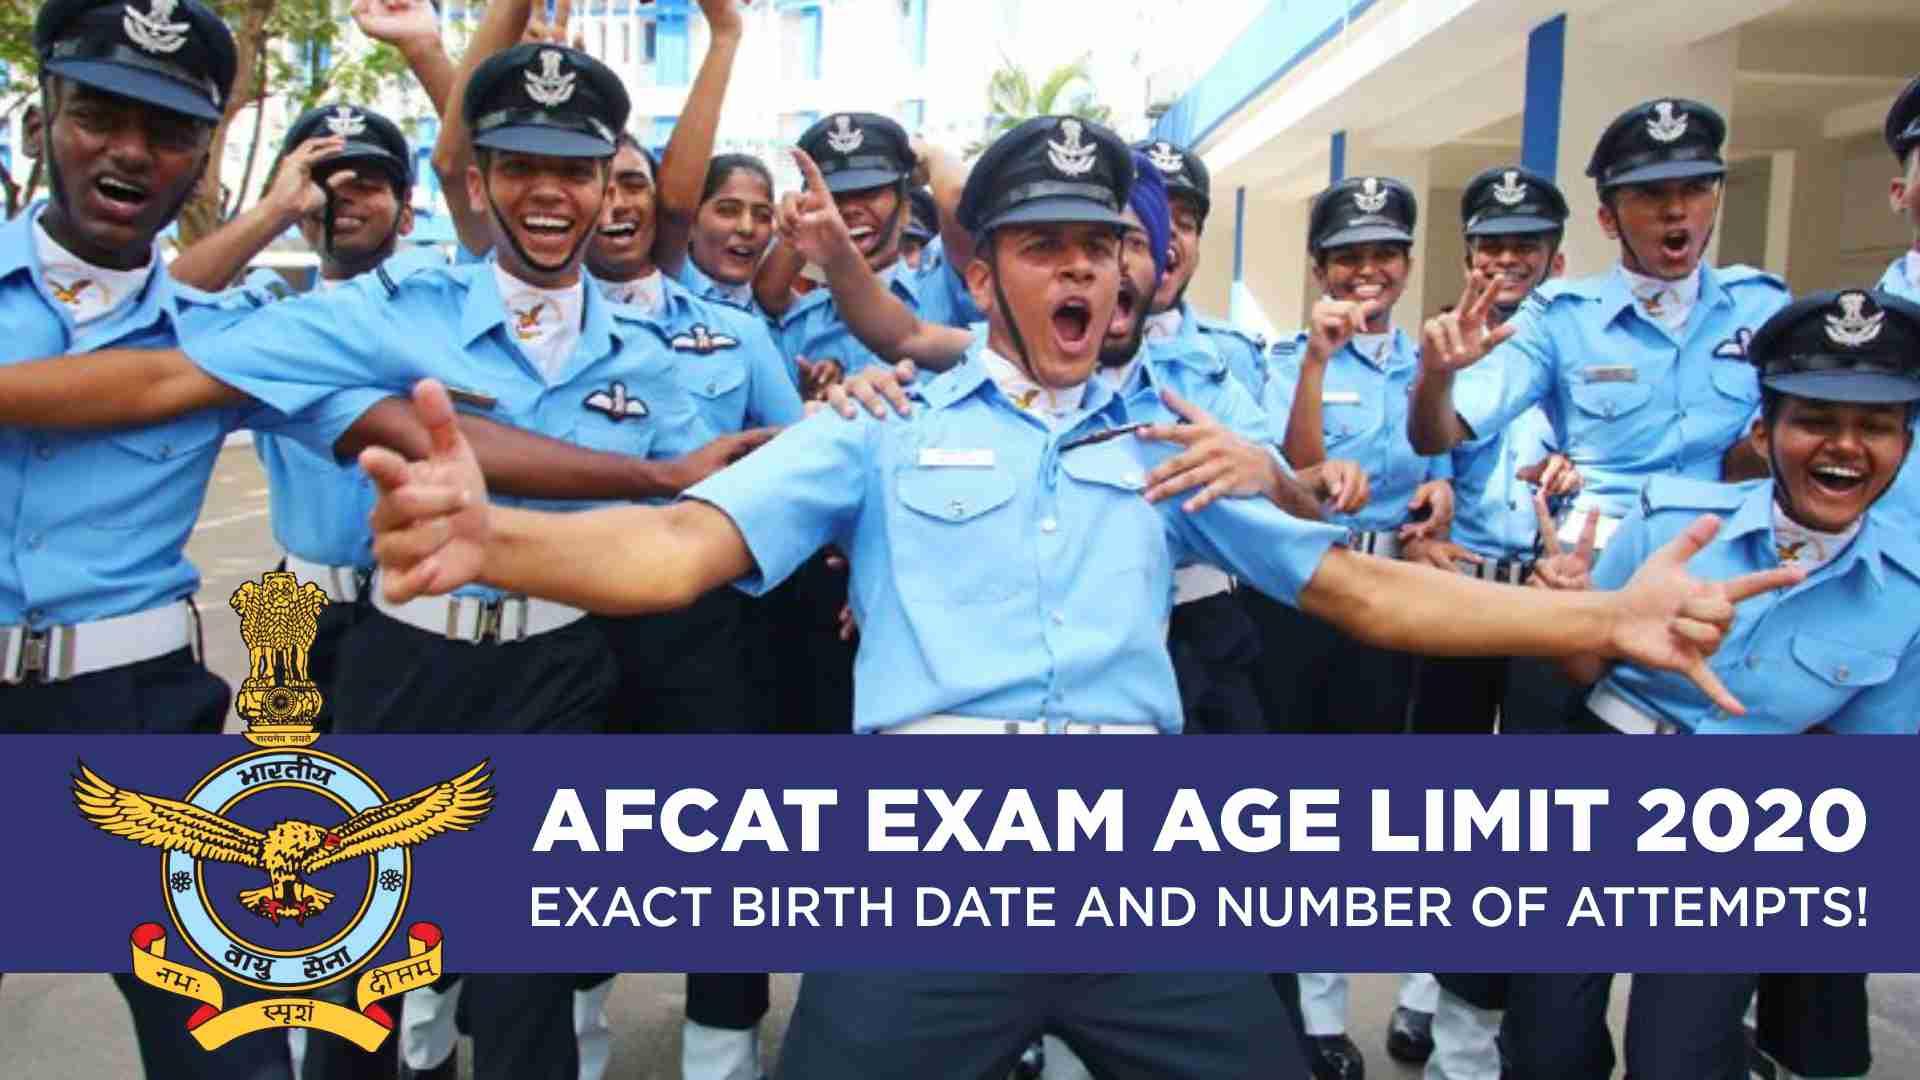 AFCAT Age Limit 2020